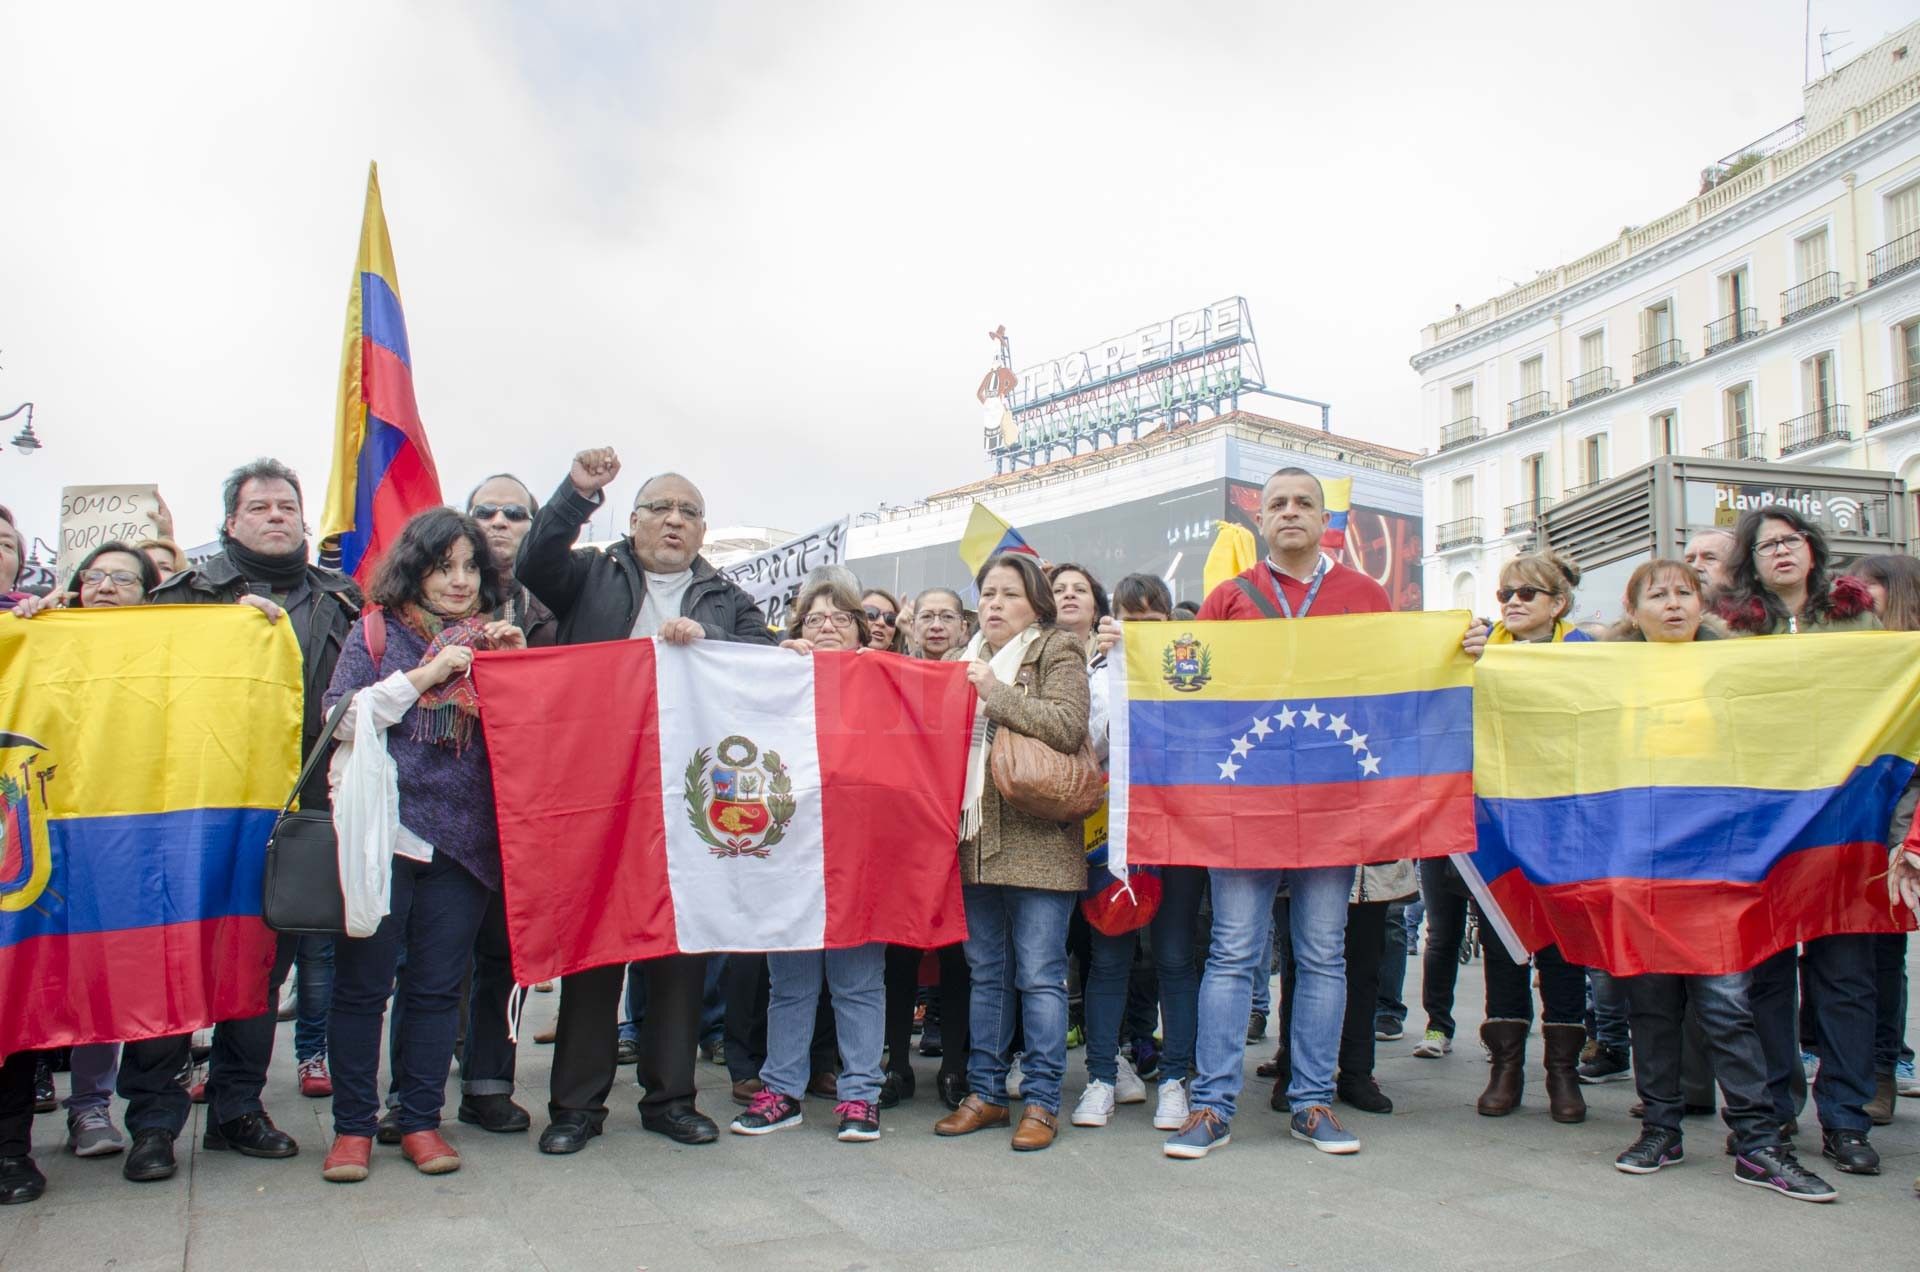 Puerta de Sol-Madrid